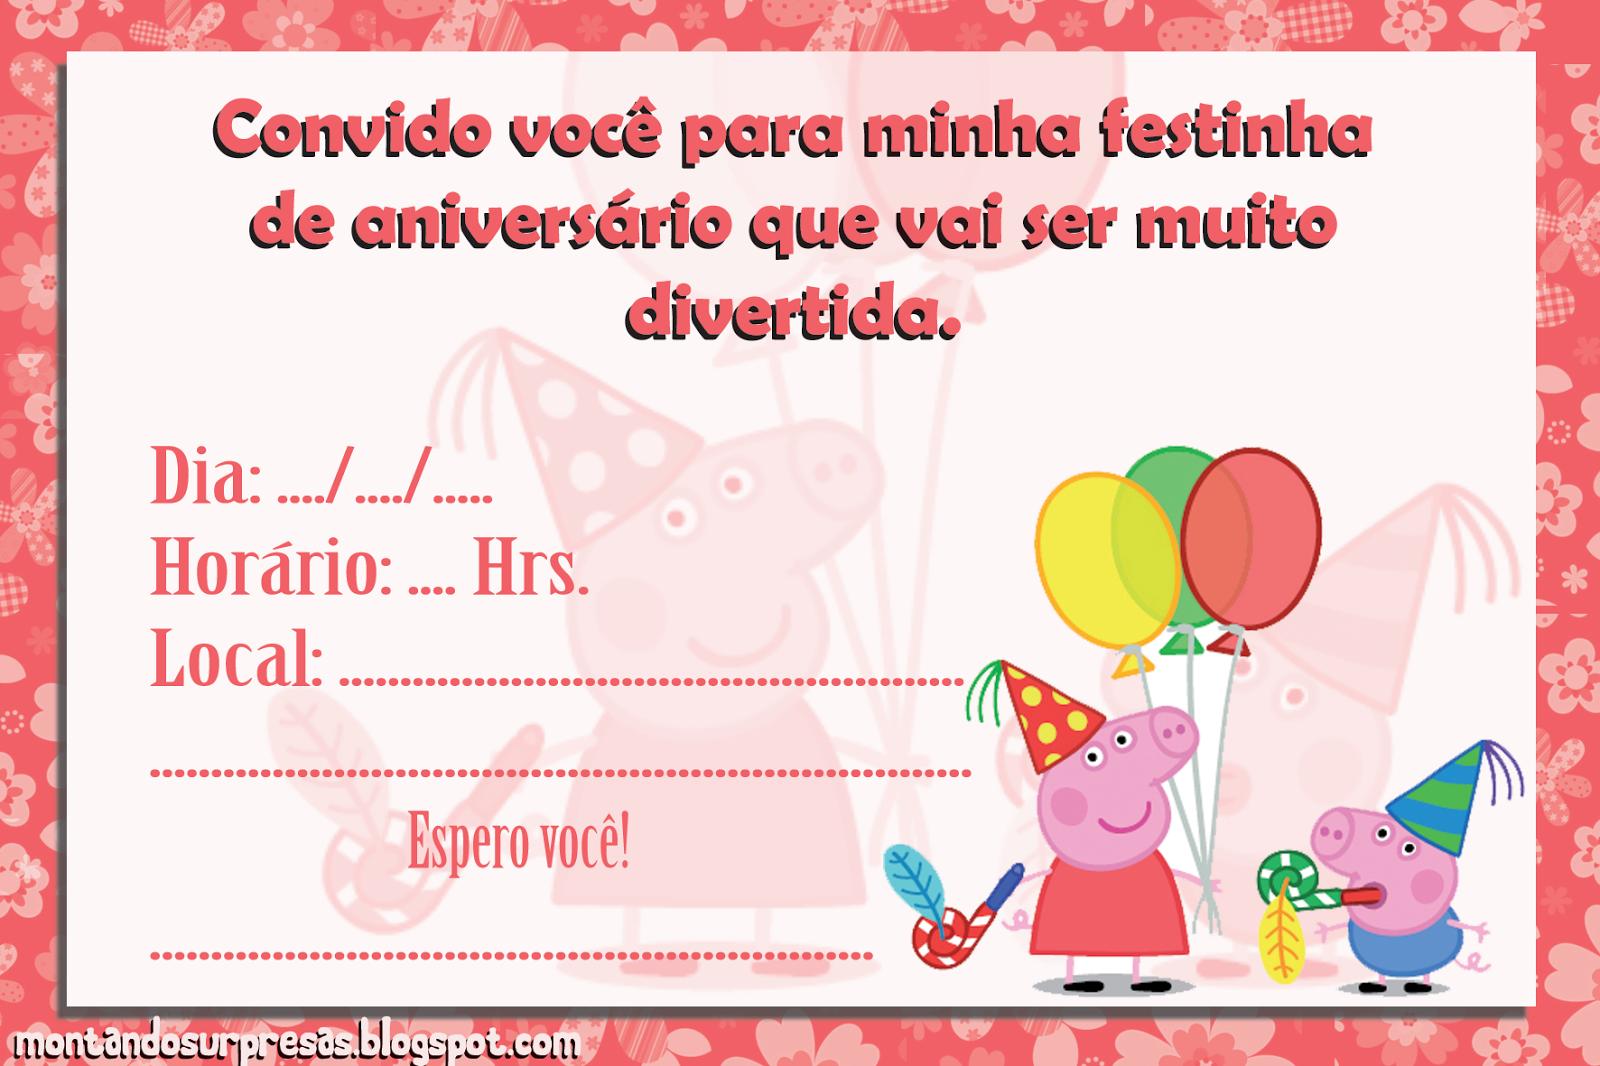 Montando Surpresas: Convite da Peppa Pig gratuito para download